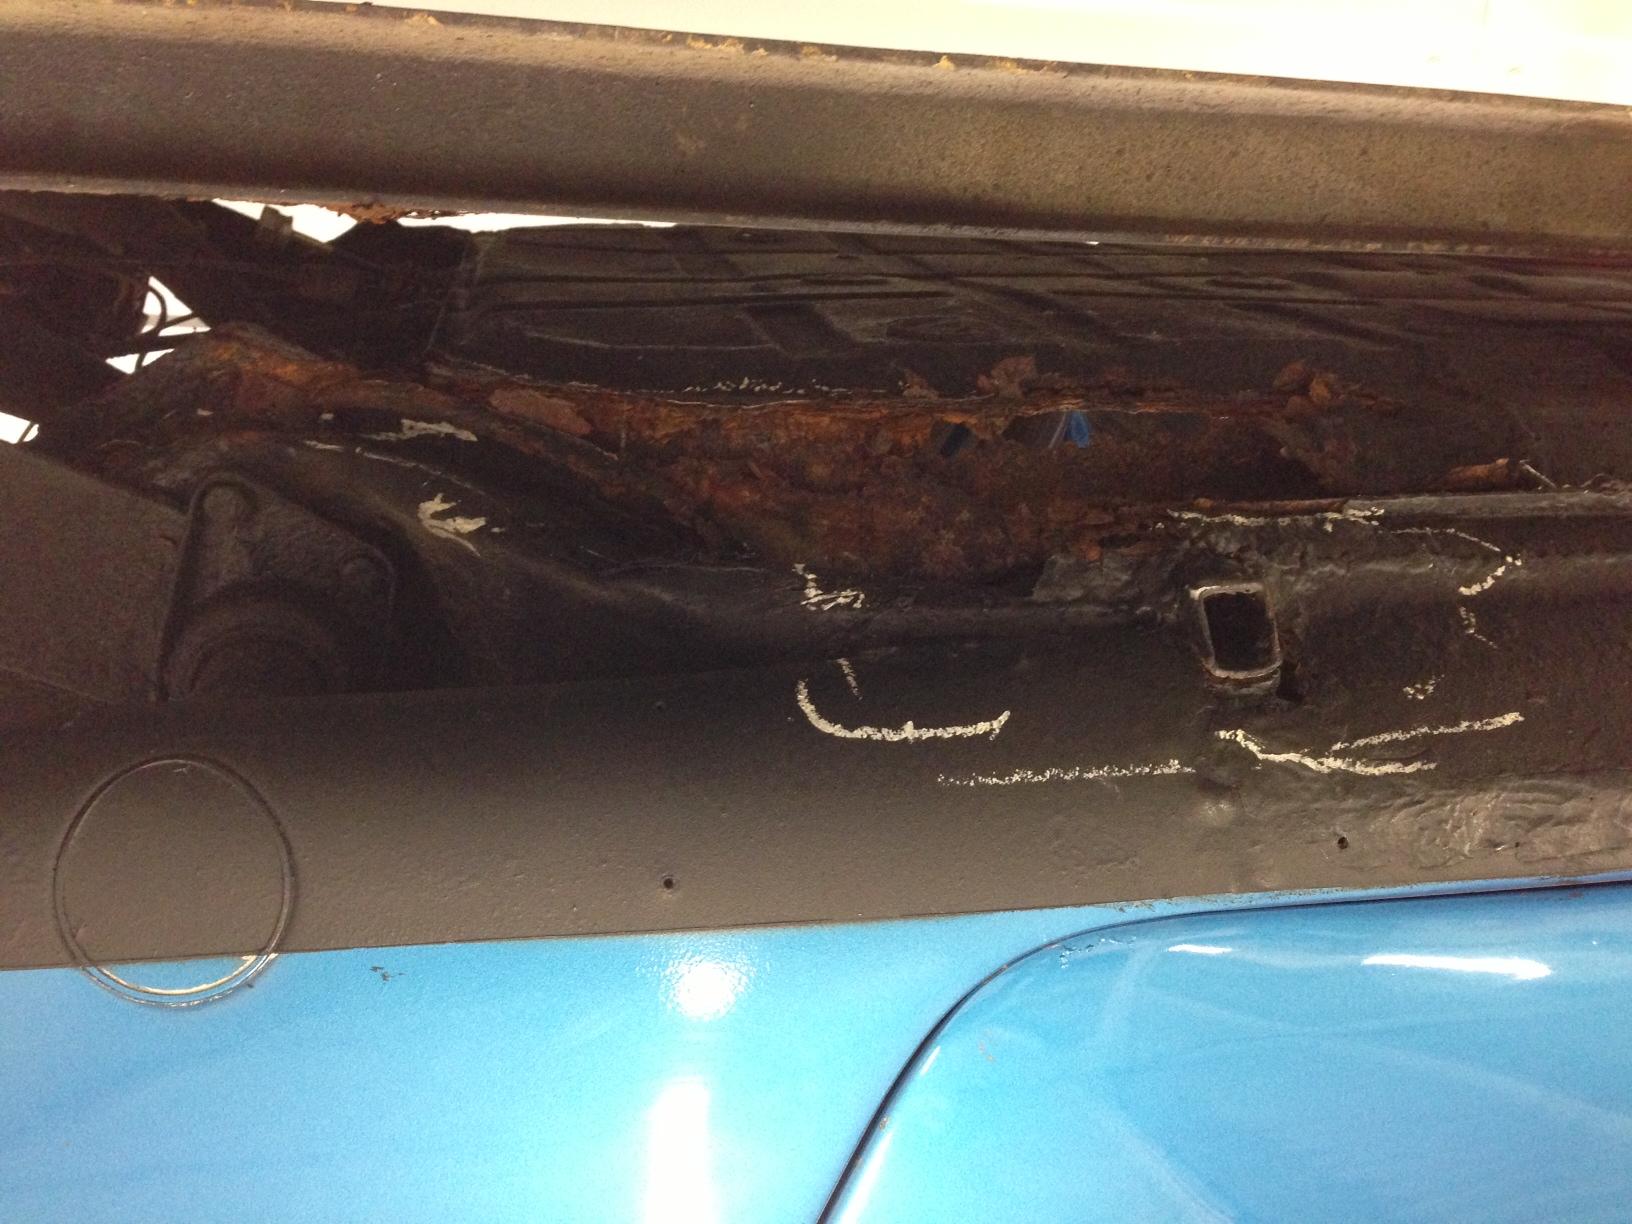 Old Porsche 911s rust